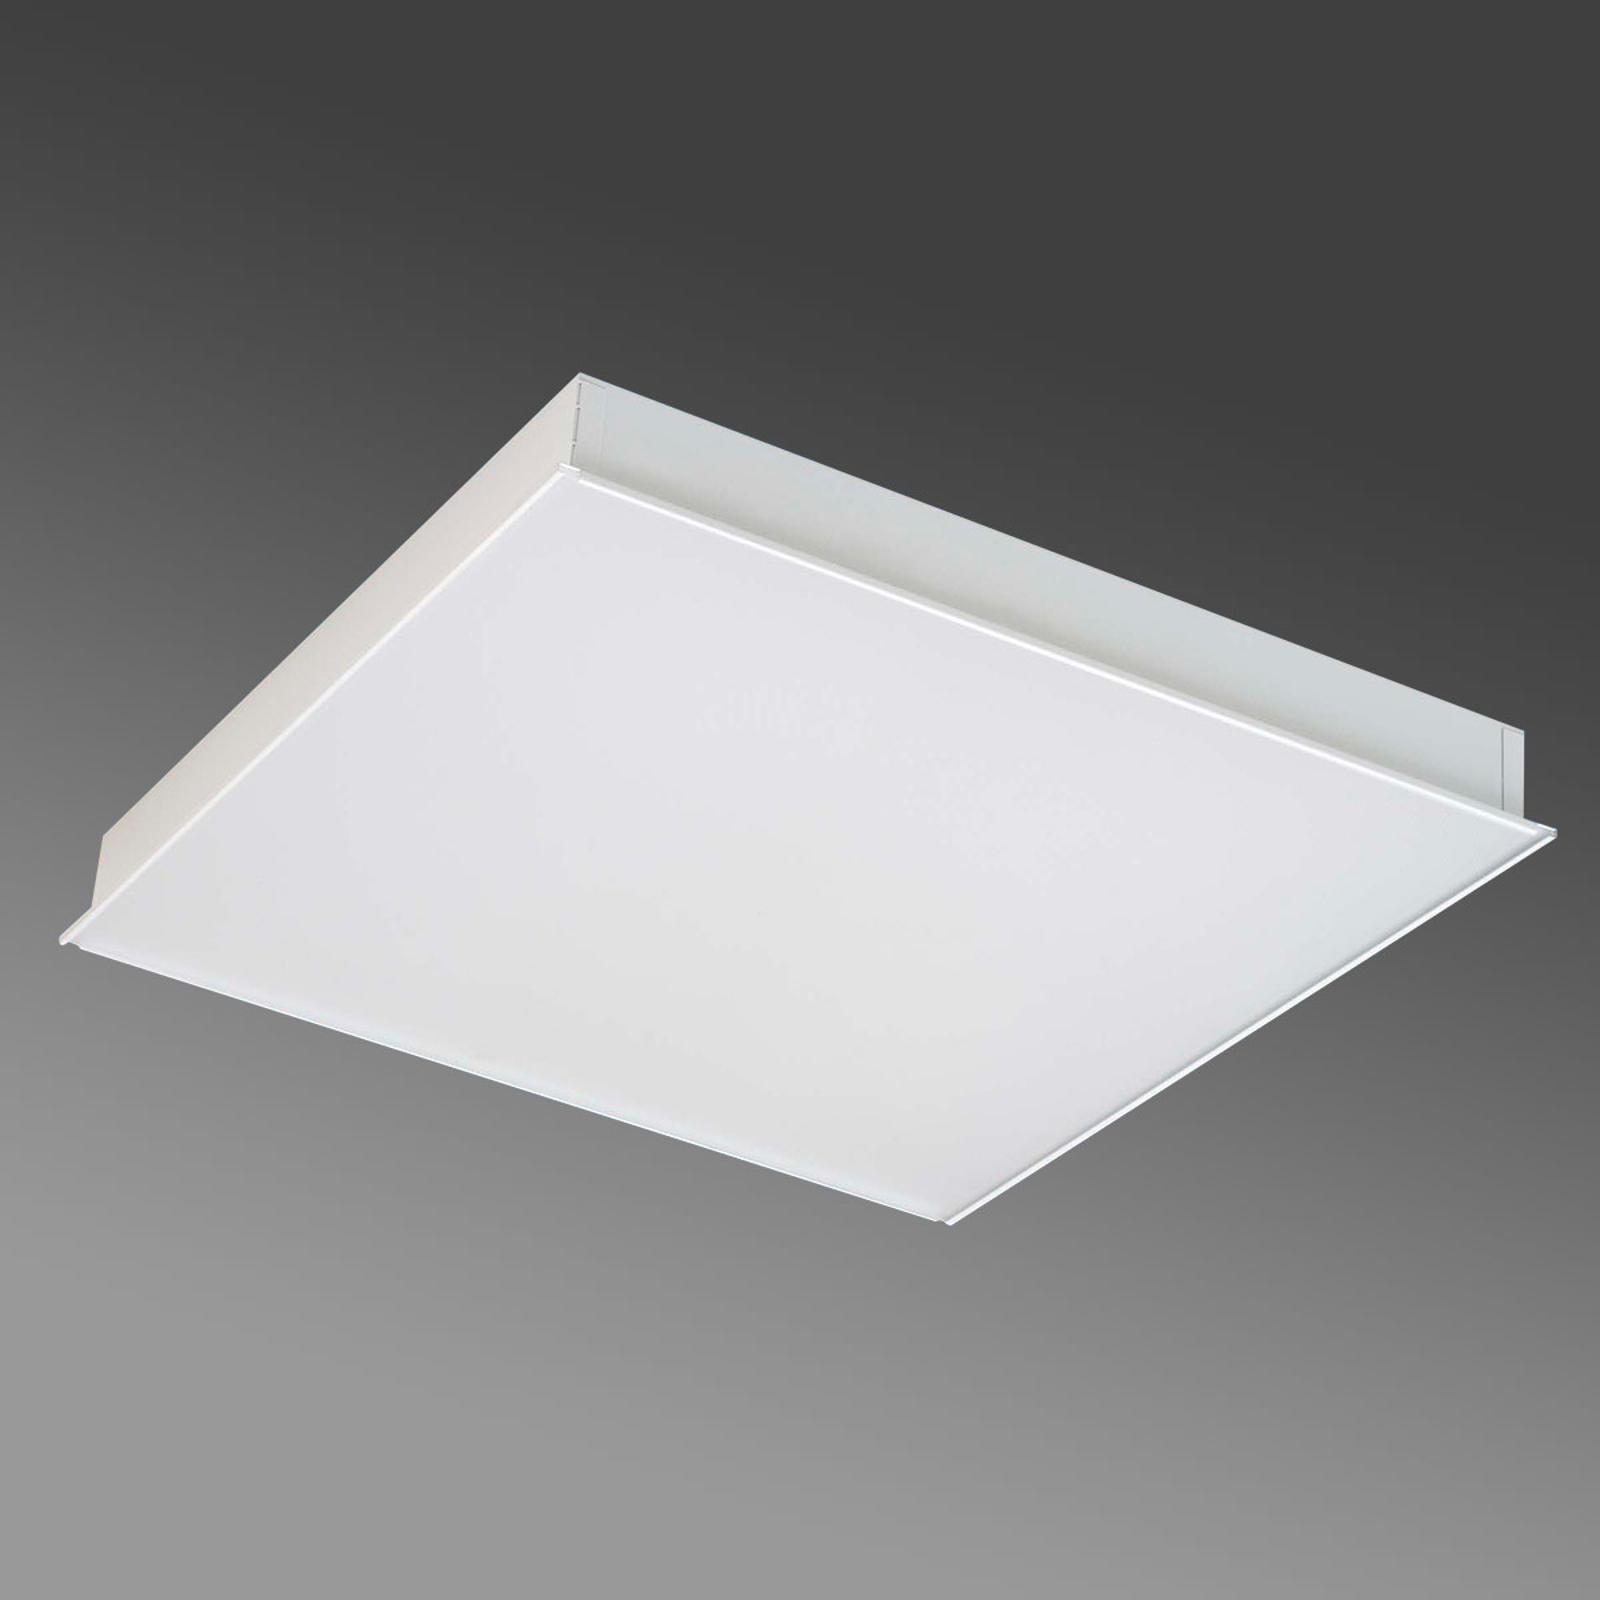 Blendingsfri LED-innfellingslampe LSF, 4000K